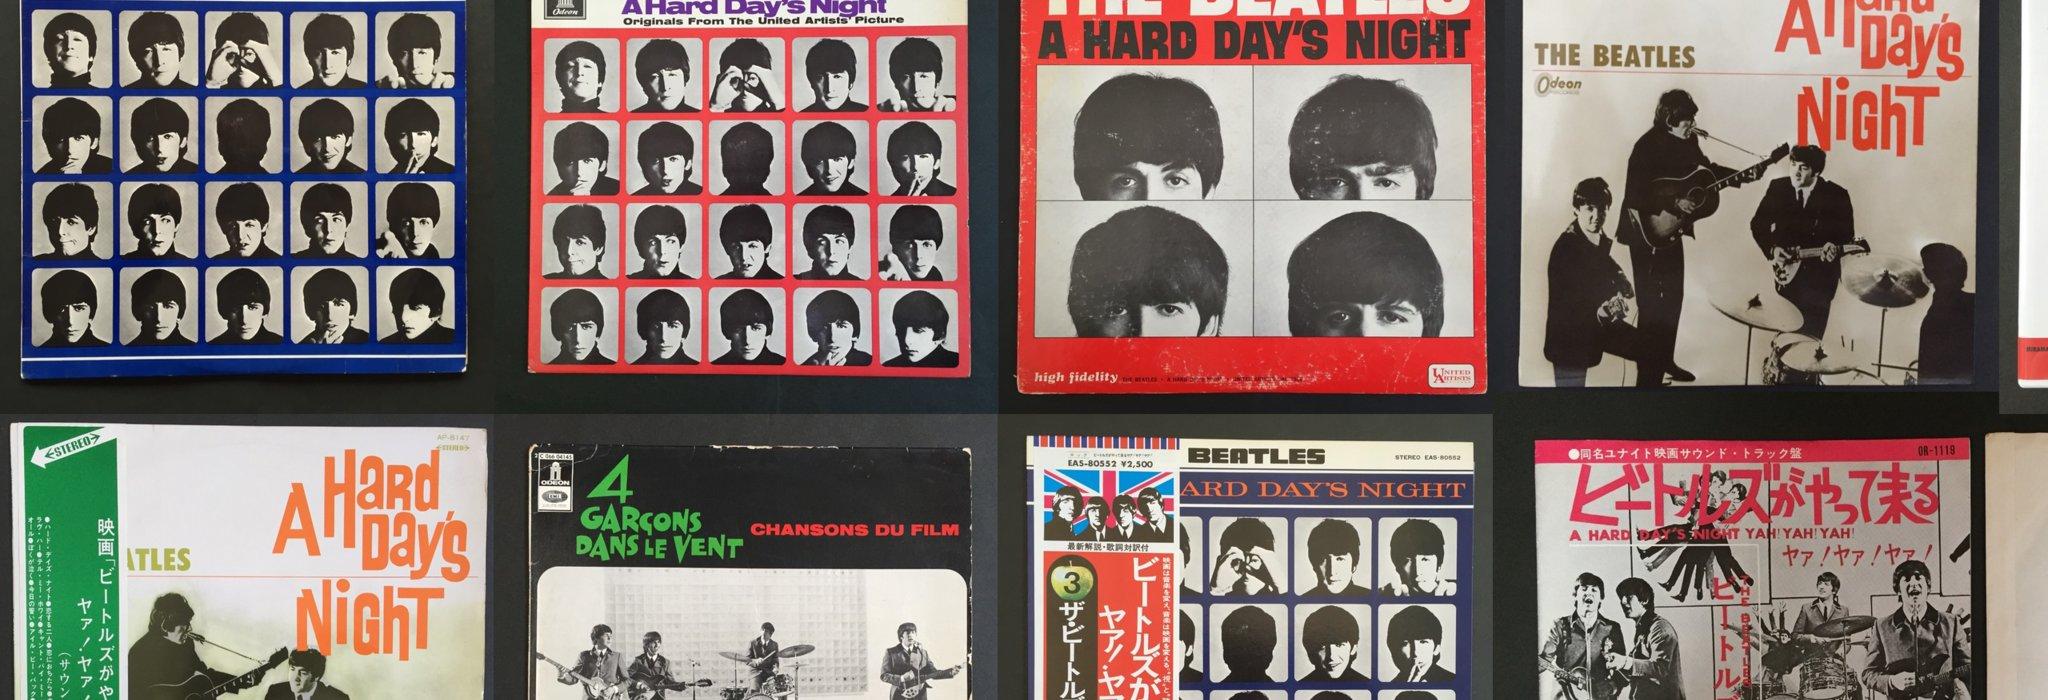 図鑑:世界中の「A HARD DAY'S NIGHT」レコードの比較_image